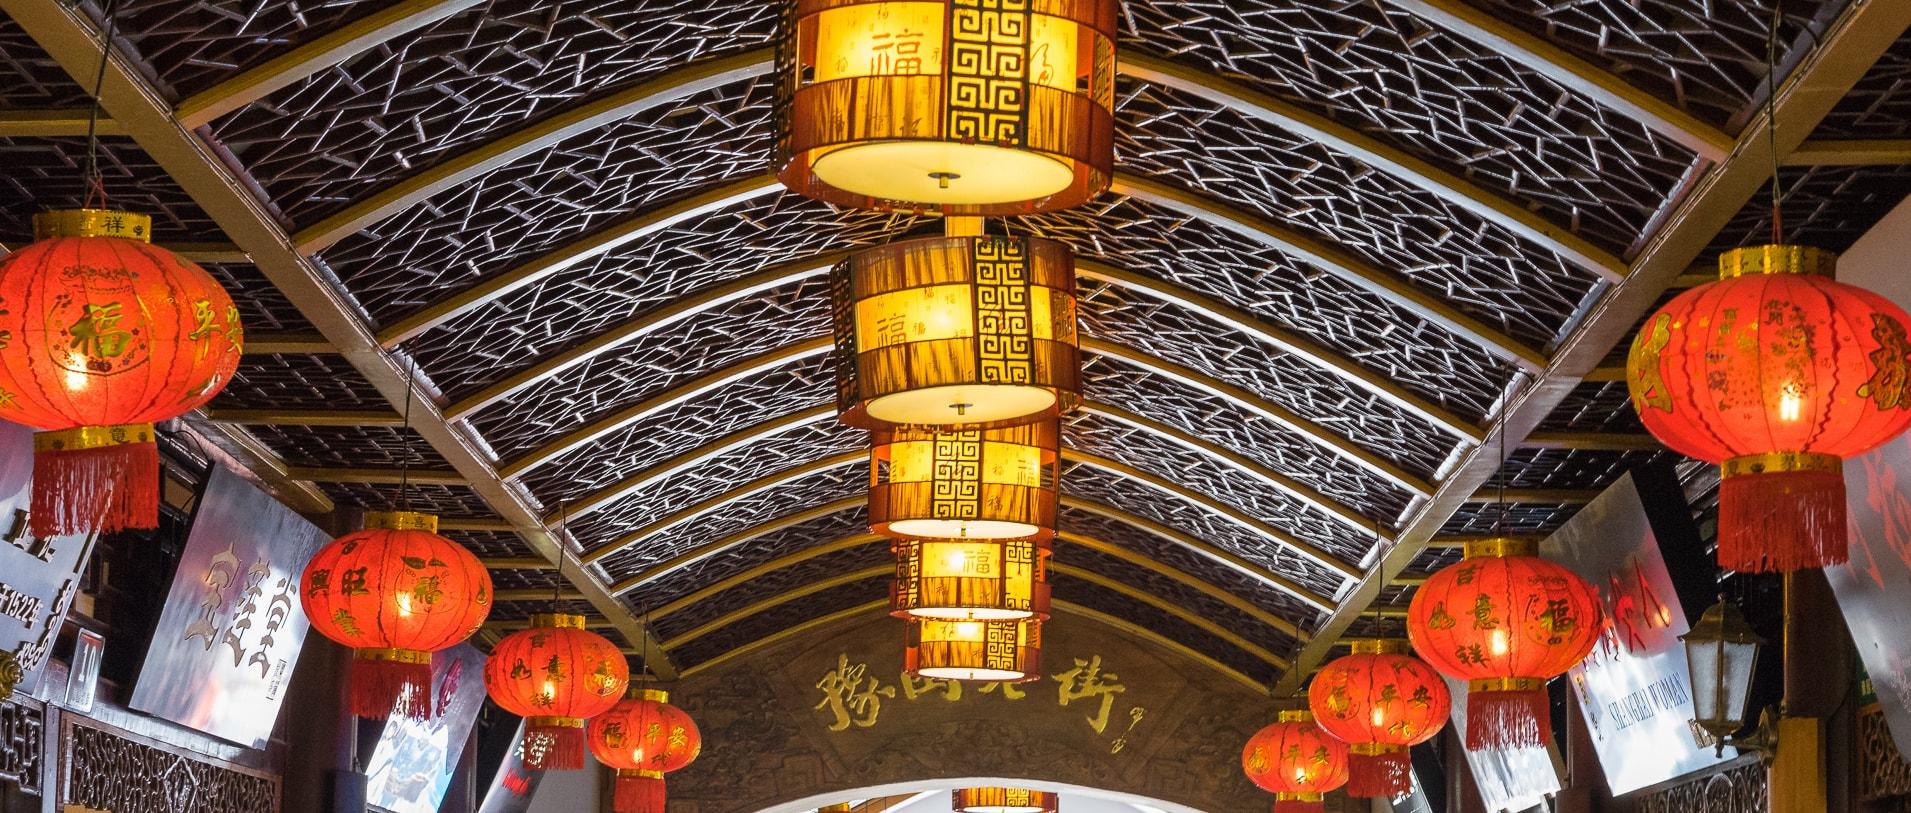 Lanterns in Shanghai (Photo: Achim Fischer/Flickr)